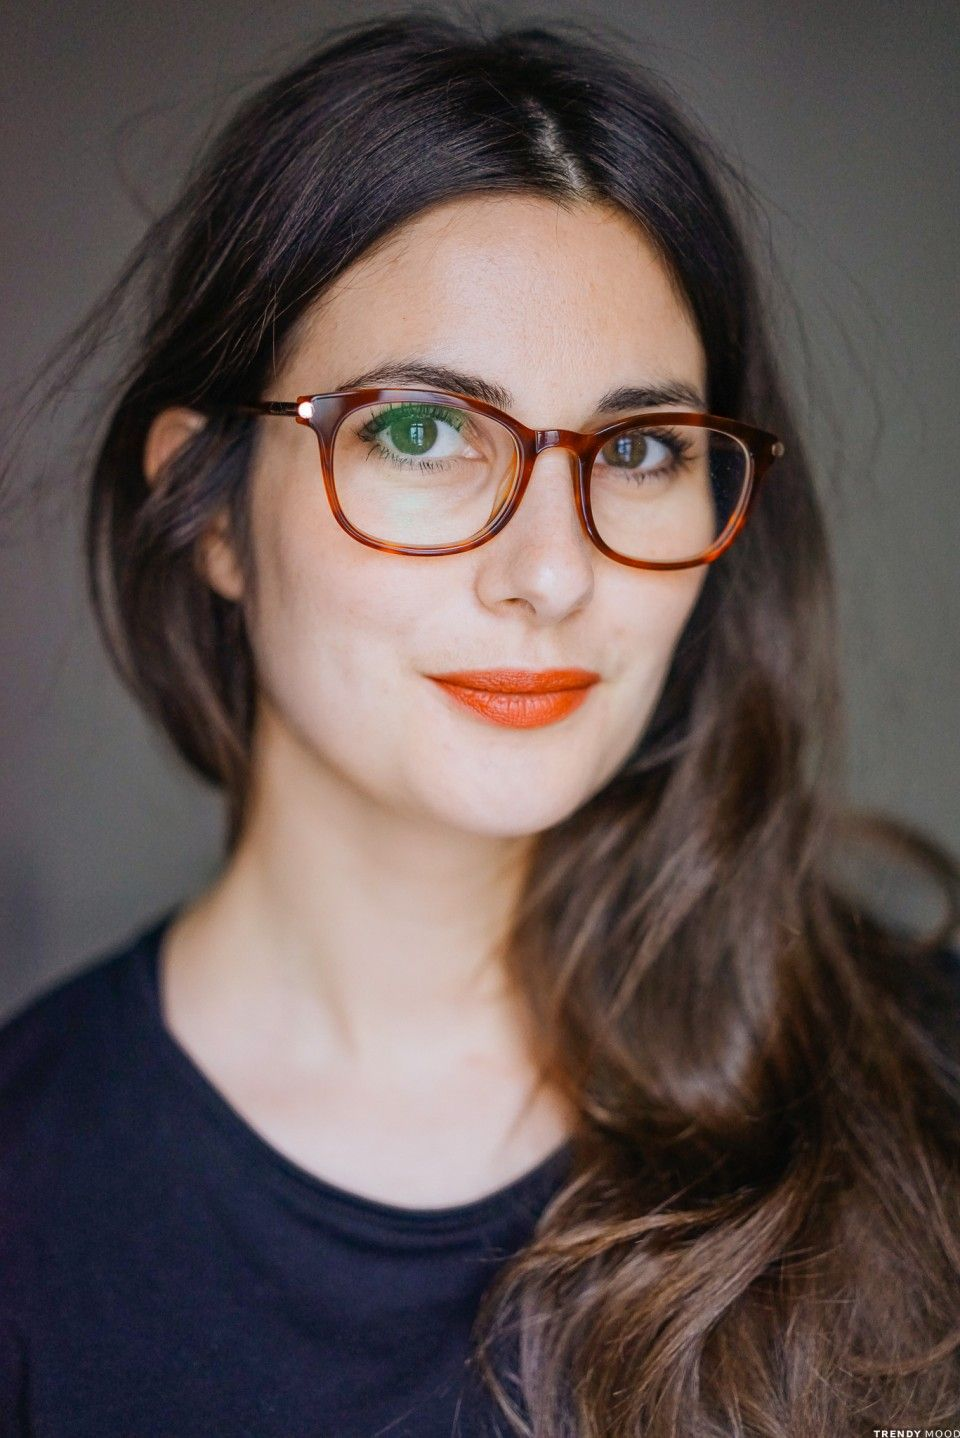 bdbad79e0e6755 Comment choisir ses lunettes de vue     lunettes...   Lunettes ...